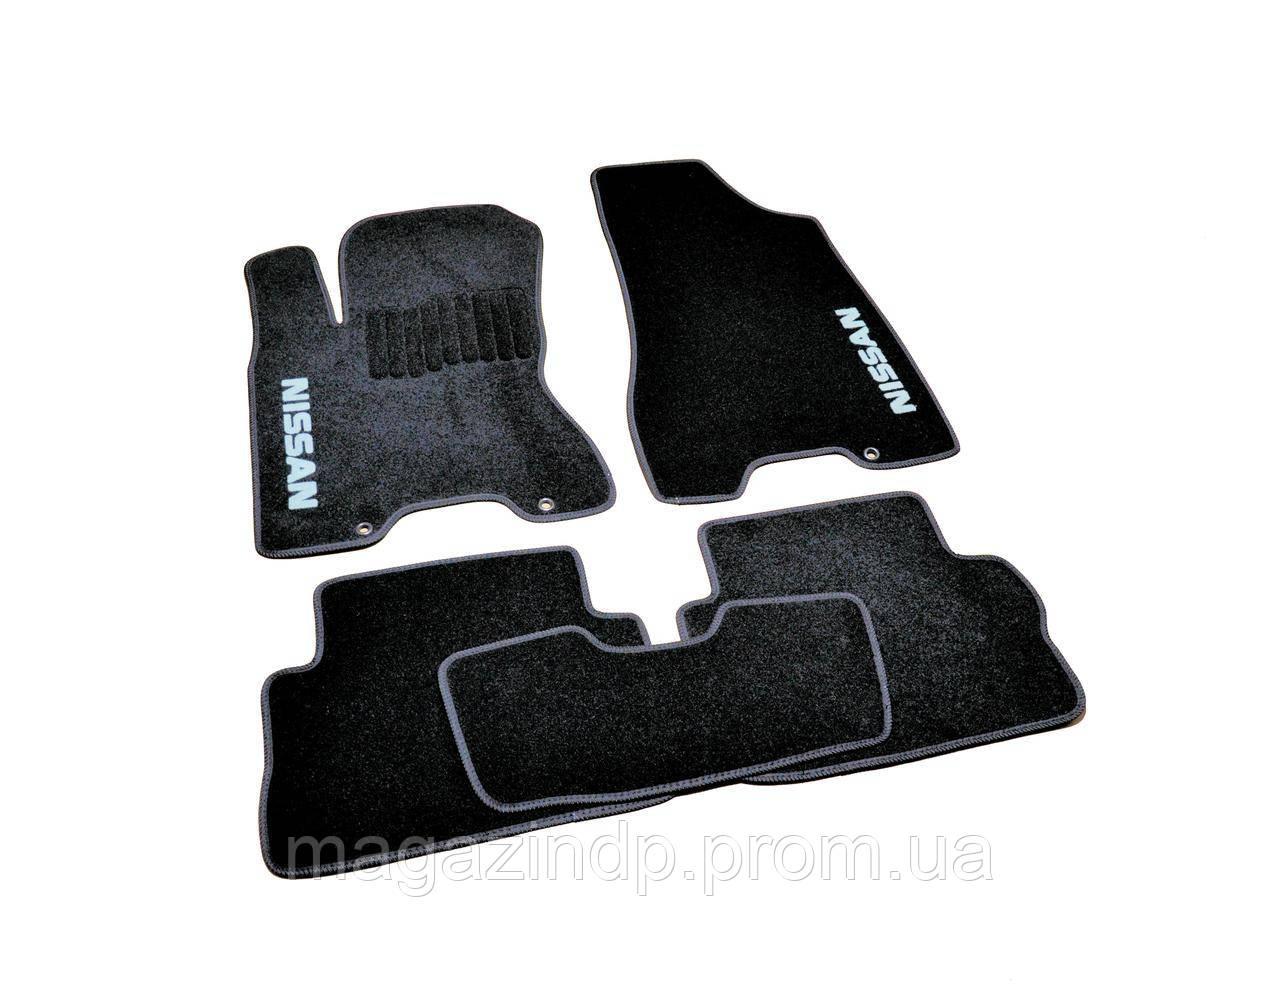 Коврики в салон ворсовые для Nissan X-Trail T31 (2007-2014) /Чёрные, кт. 5шт BLCCR1433 Код товара: 3822703